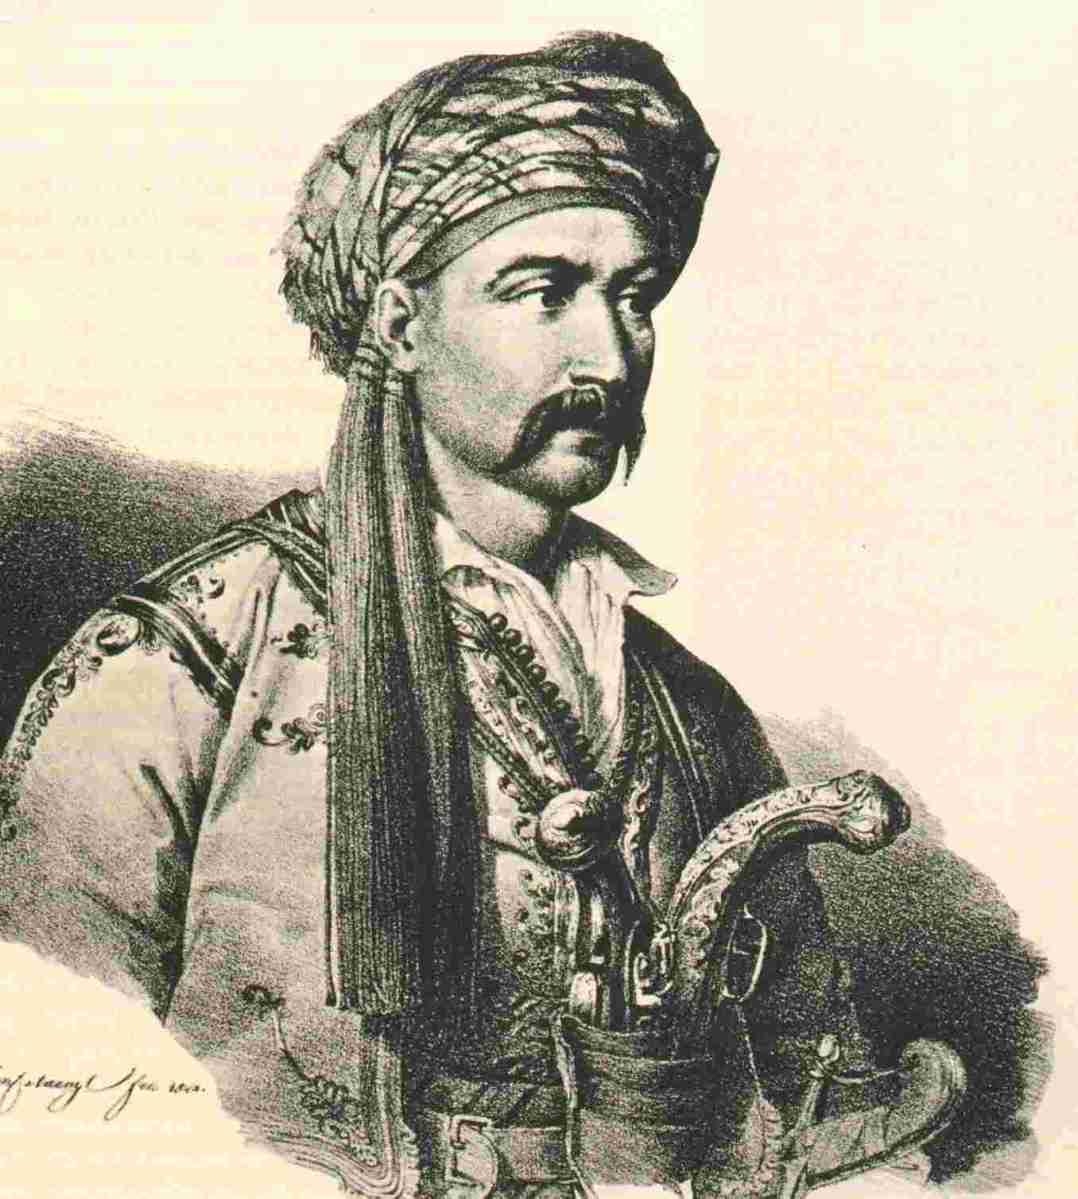 Νικηταράς ο Τουρκοφάγος (Νικήτας Σταματελόπουλος 1782-1849)